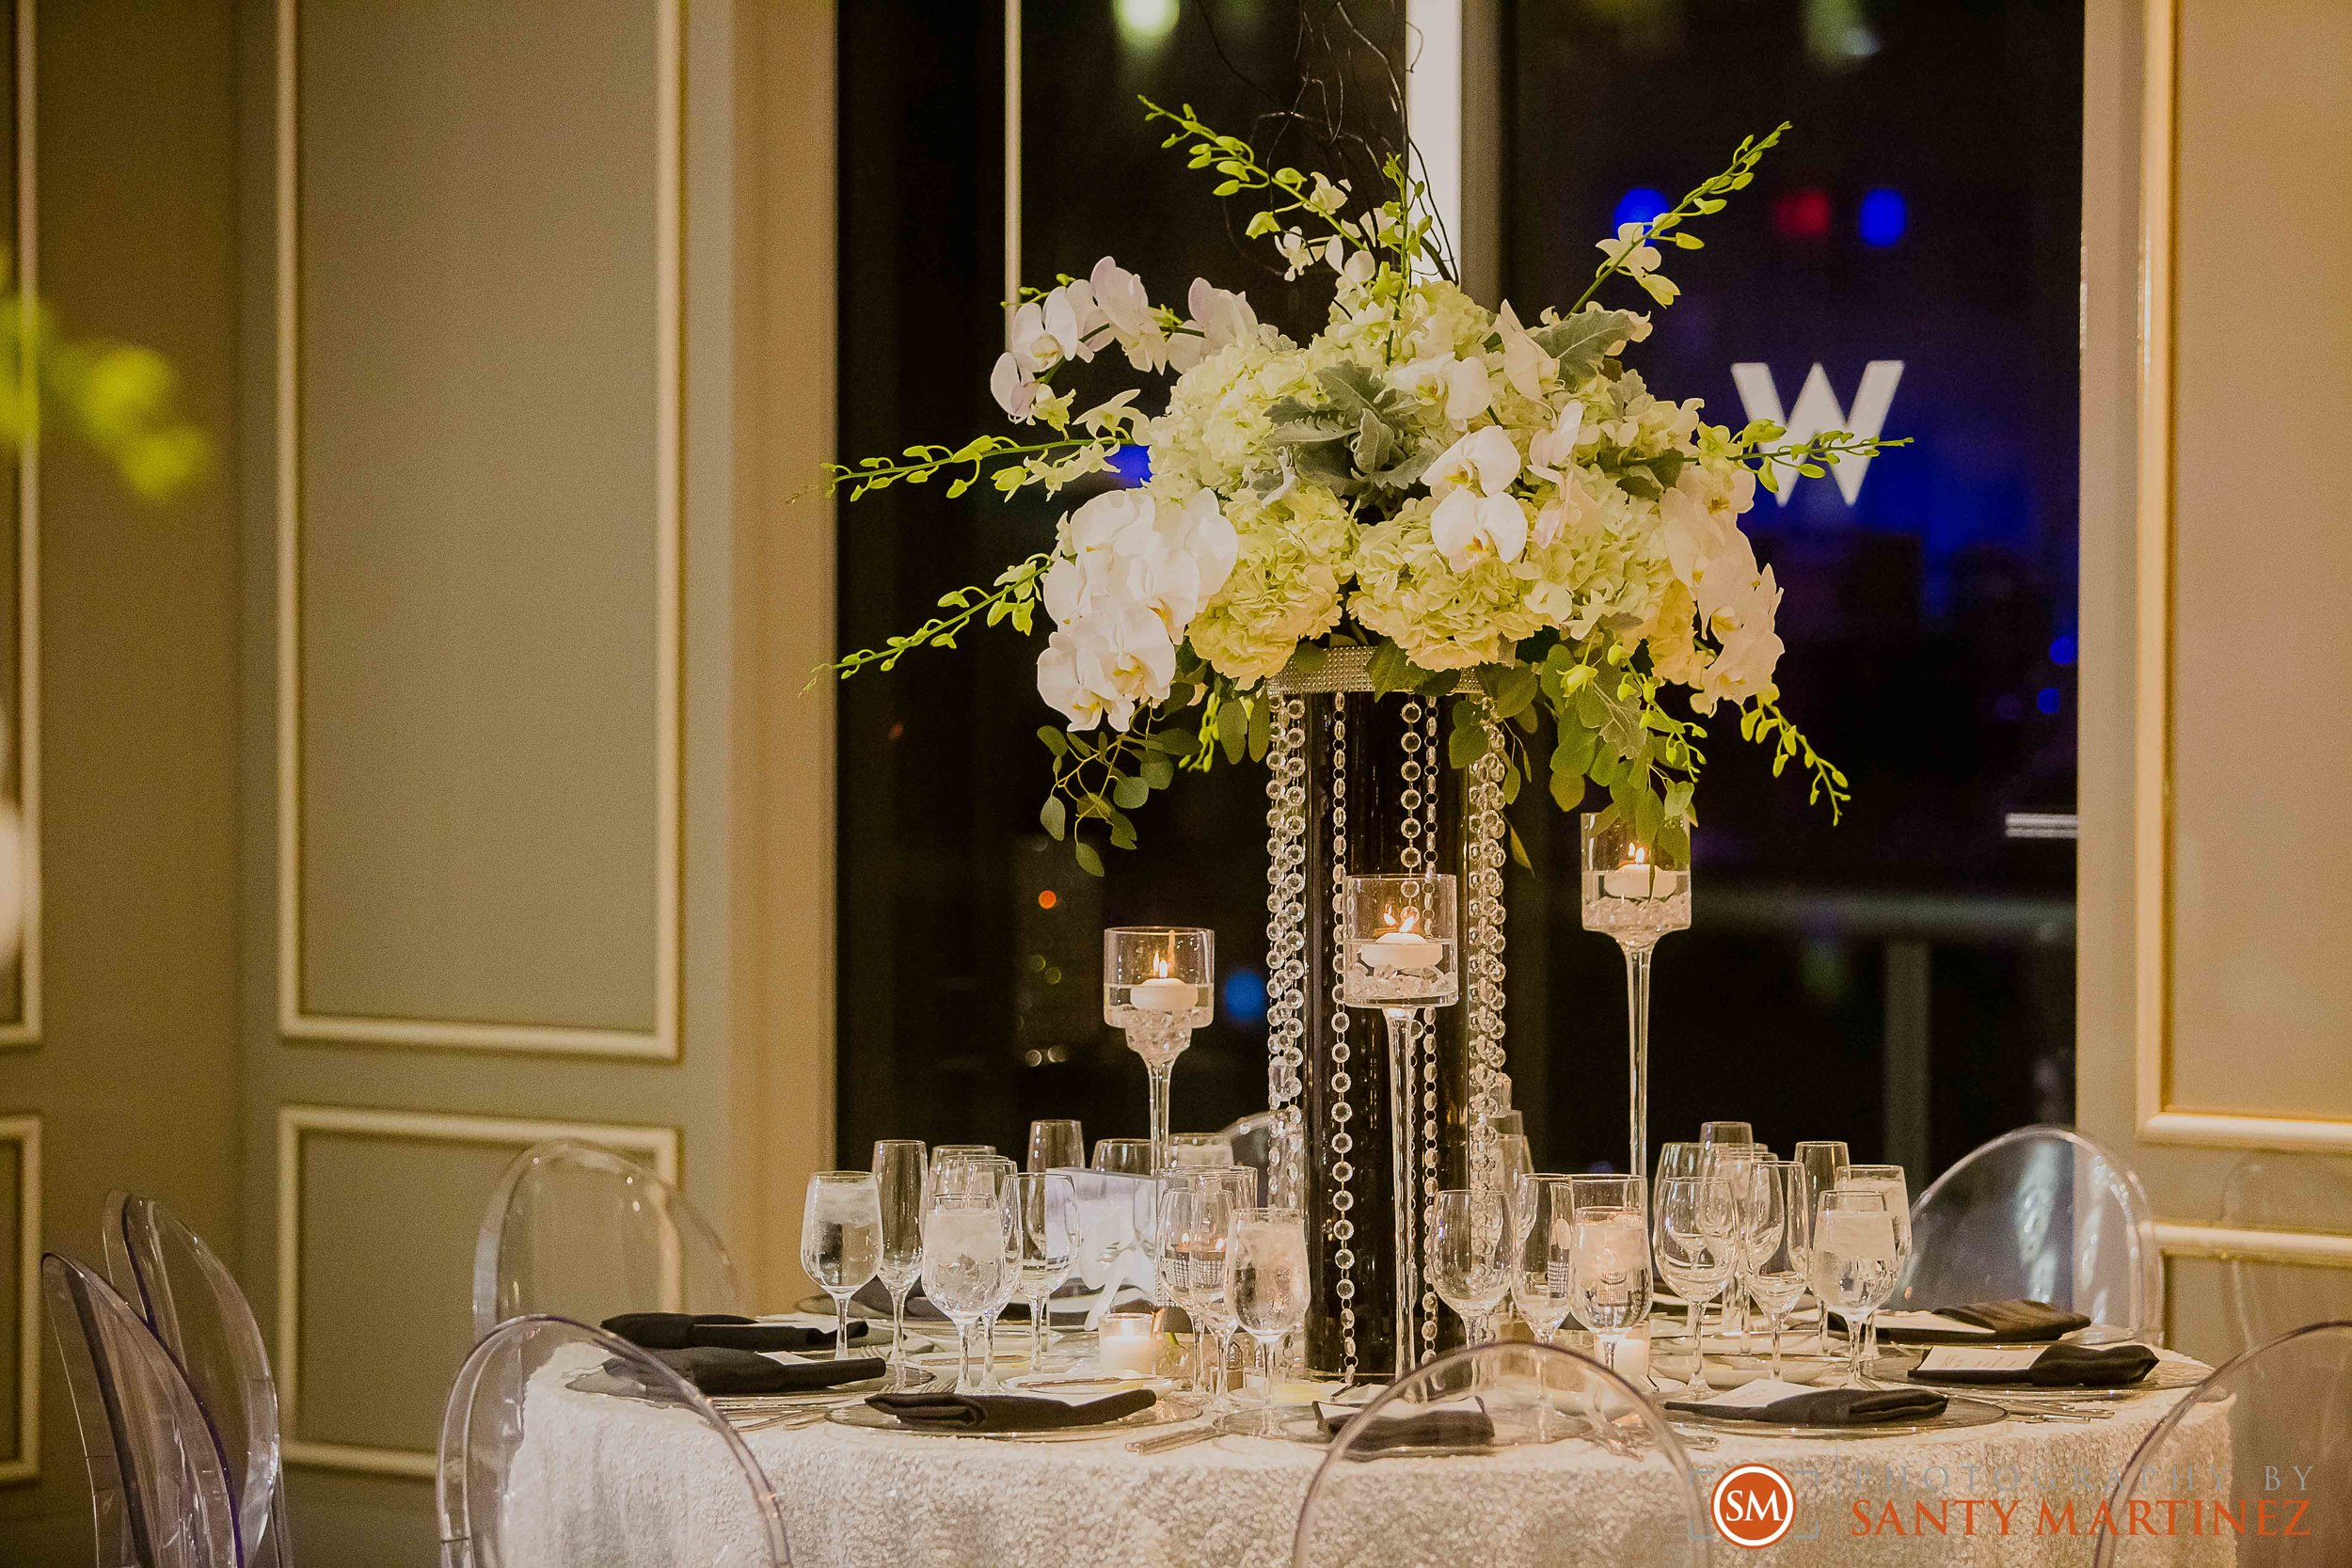 Wedding - W Hotel - St Patrick Miami Beach - Santy Martinez Photography-36.jpg